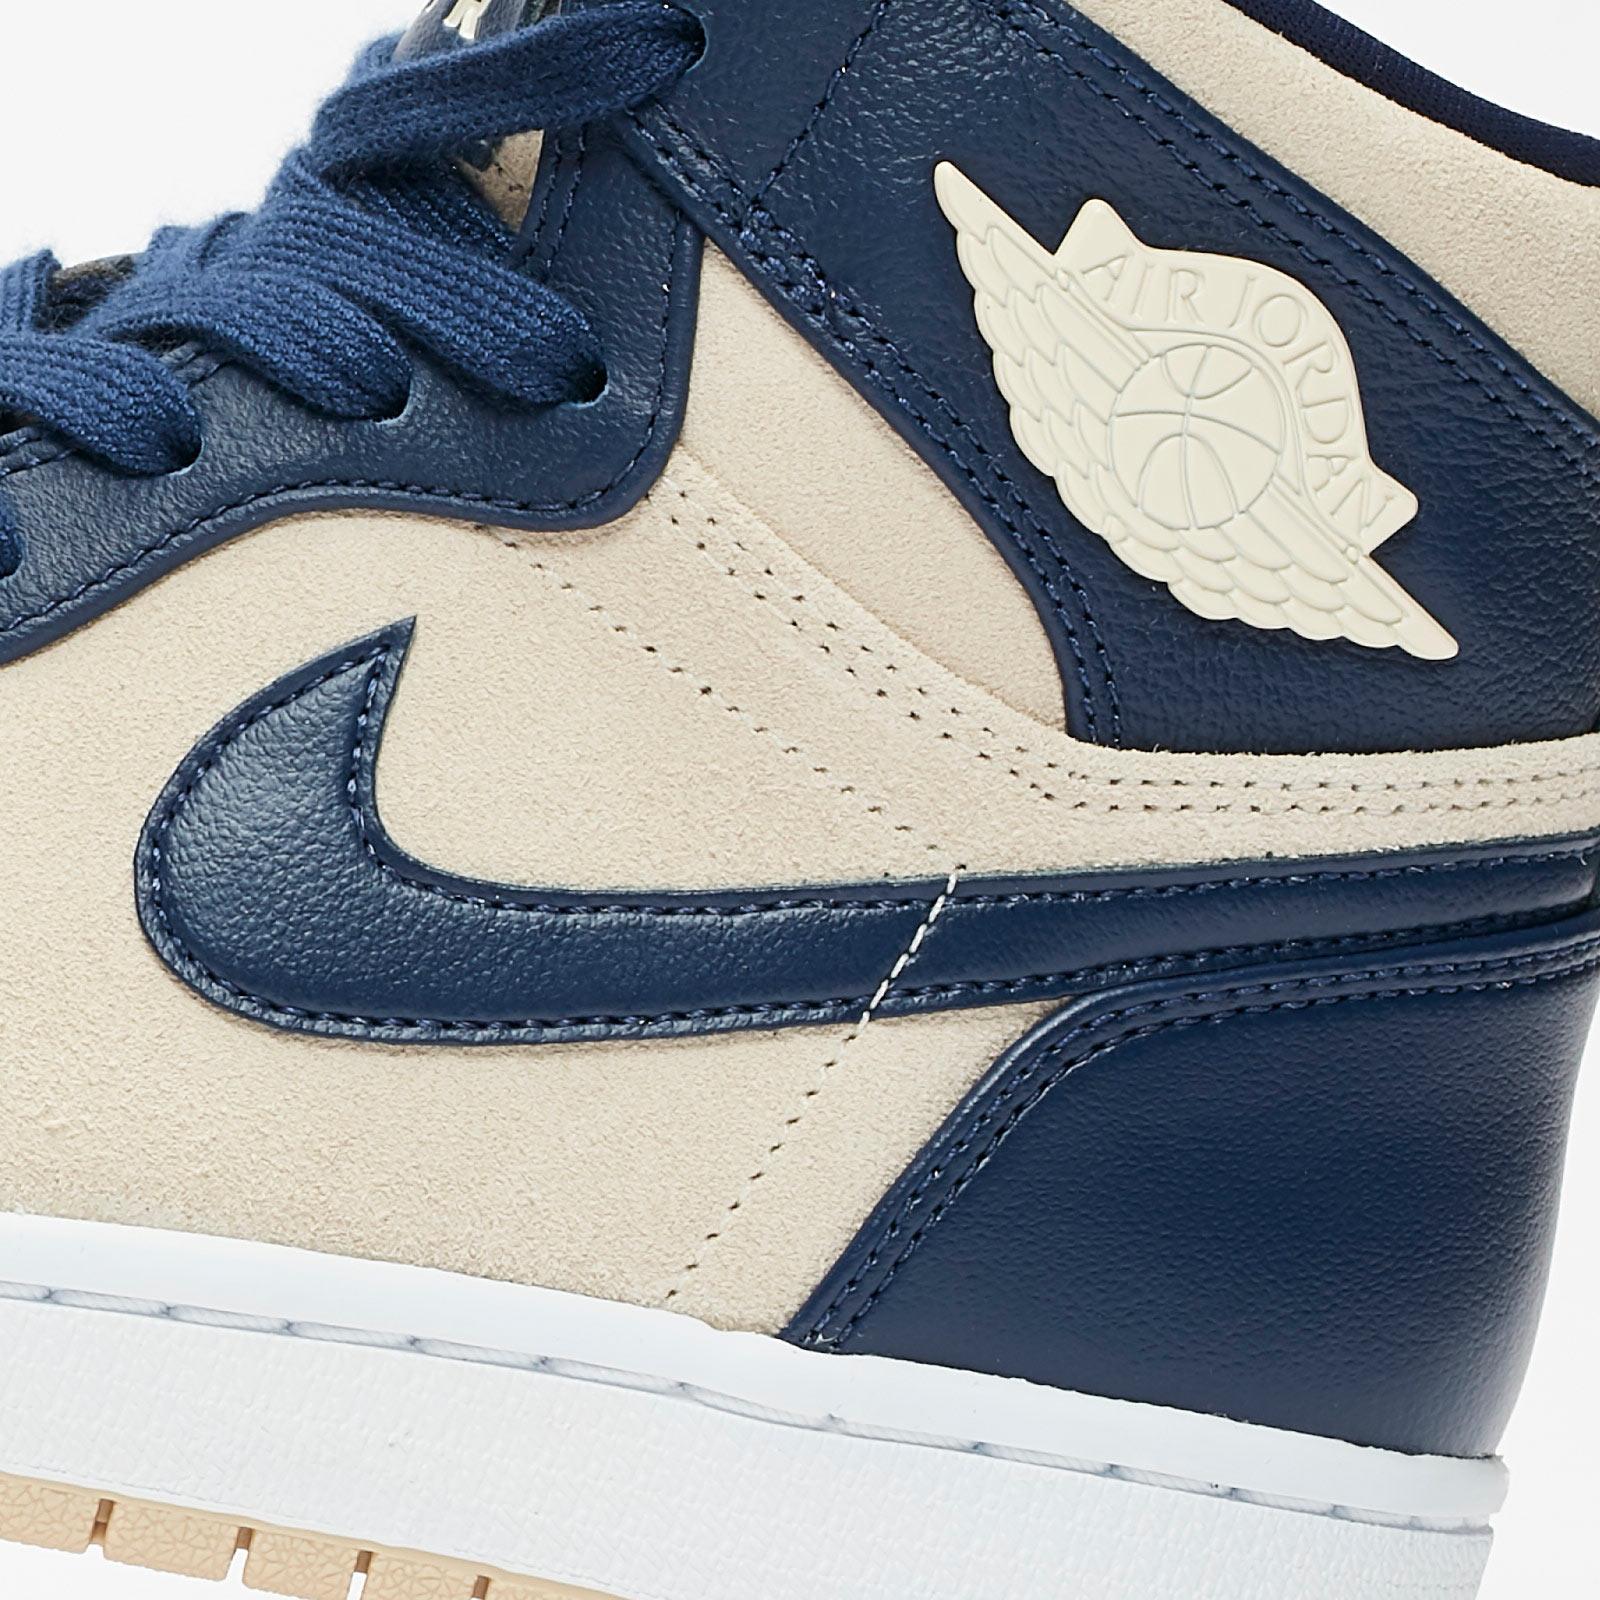 Wmns Air Jordan 1 High 'Navy Cream'